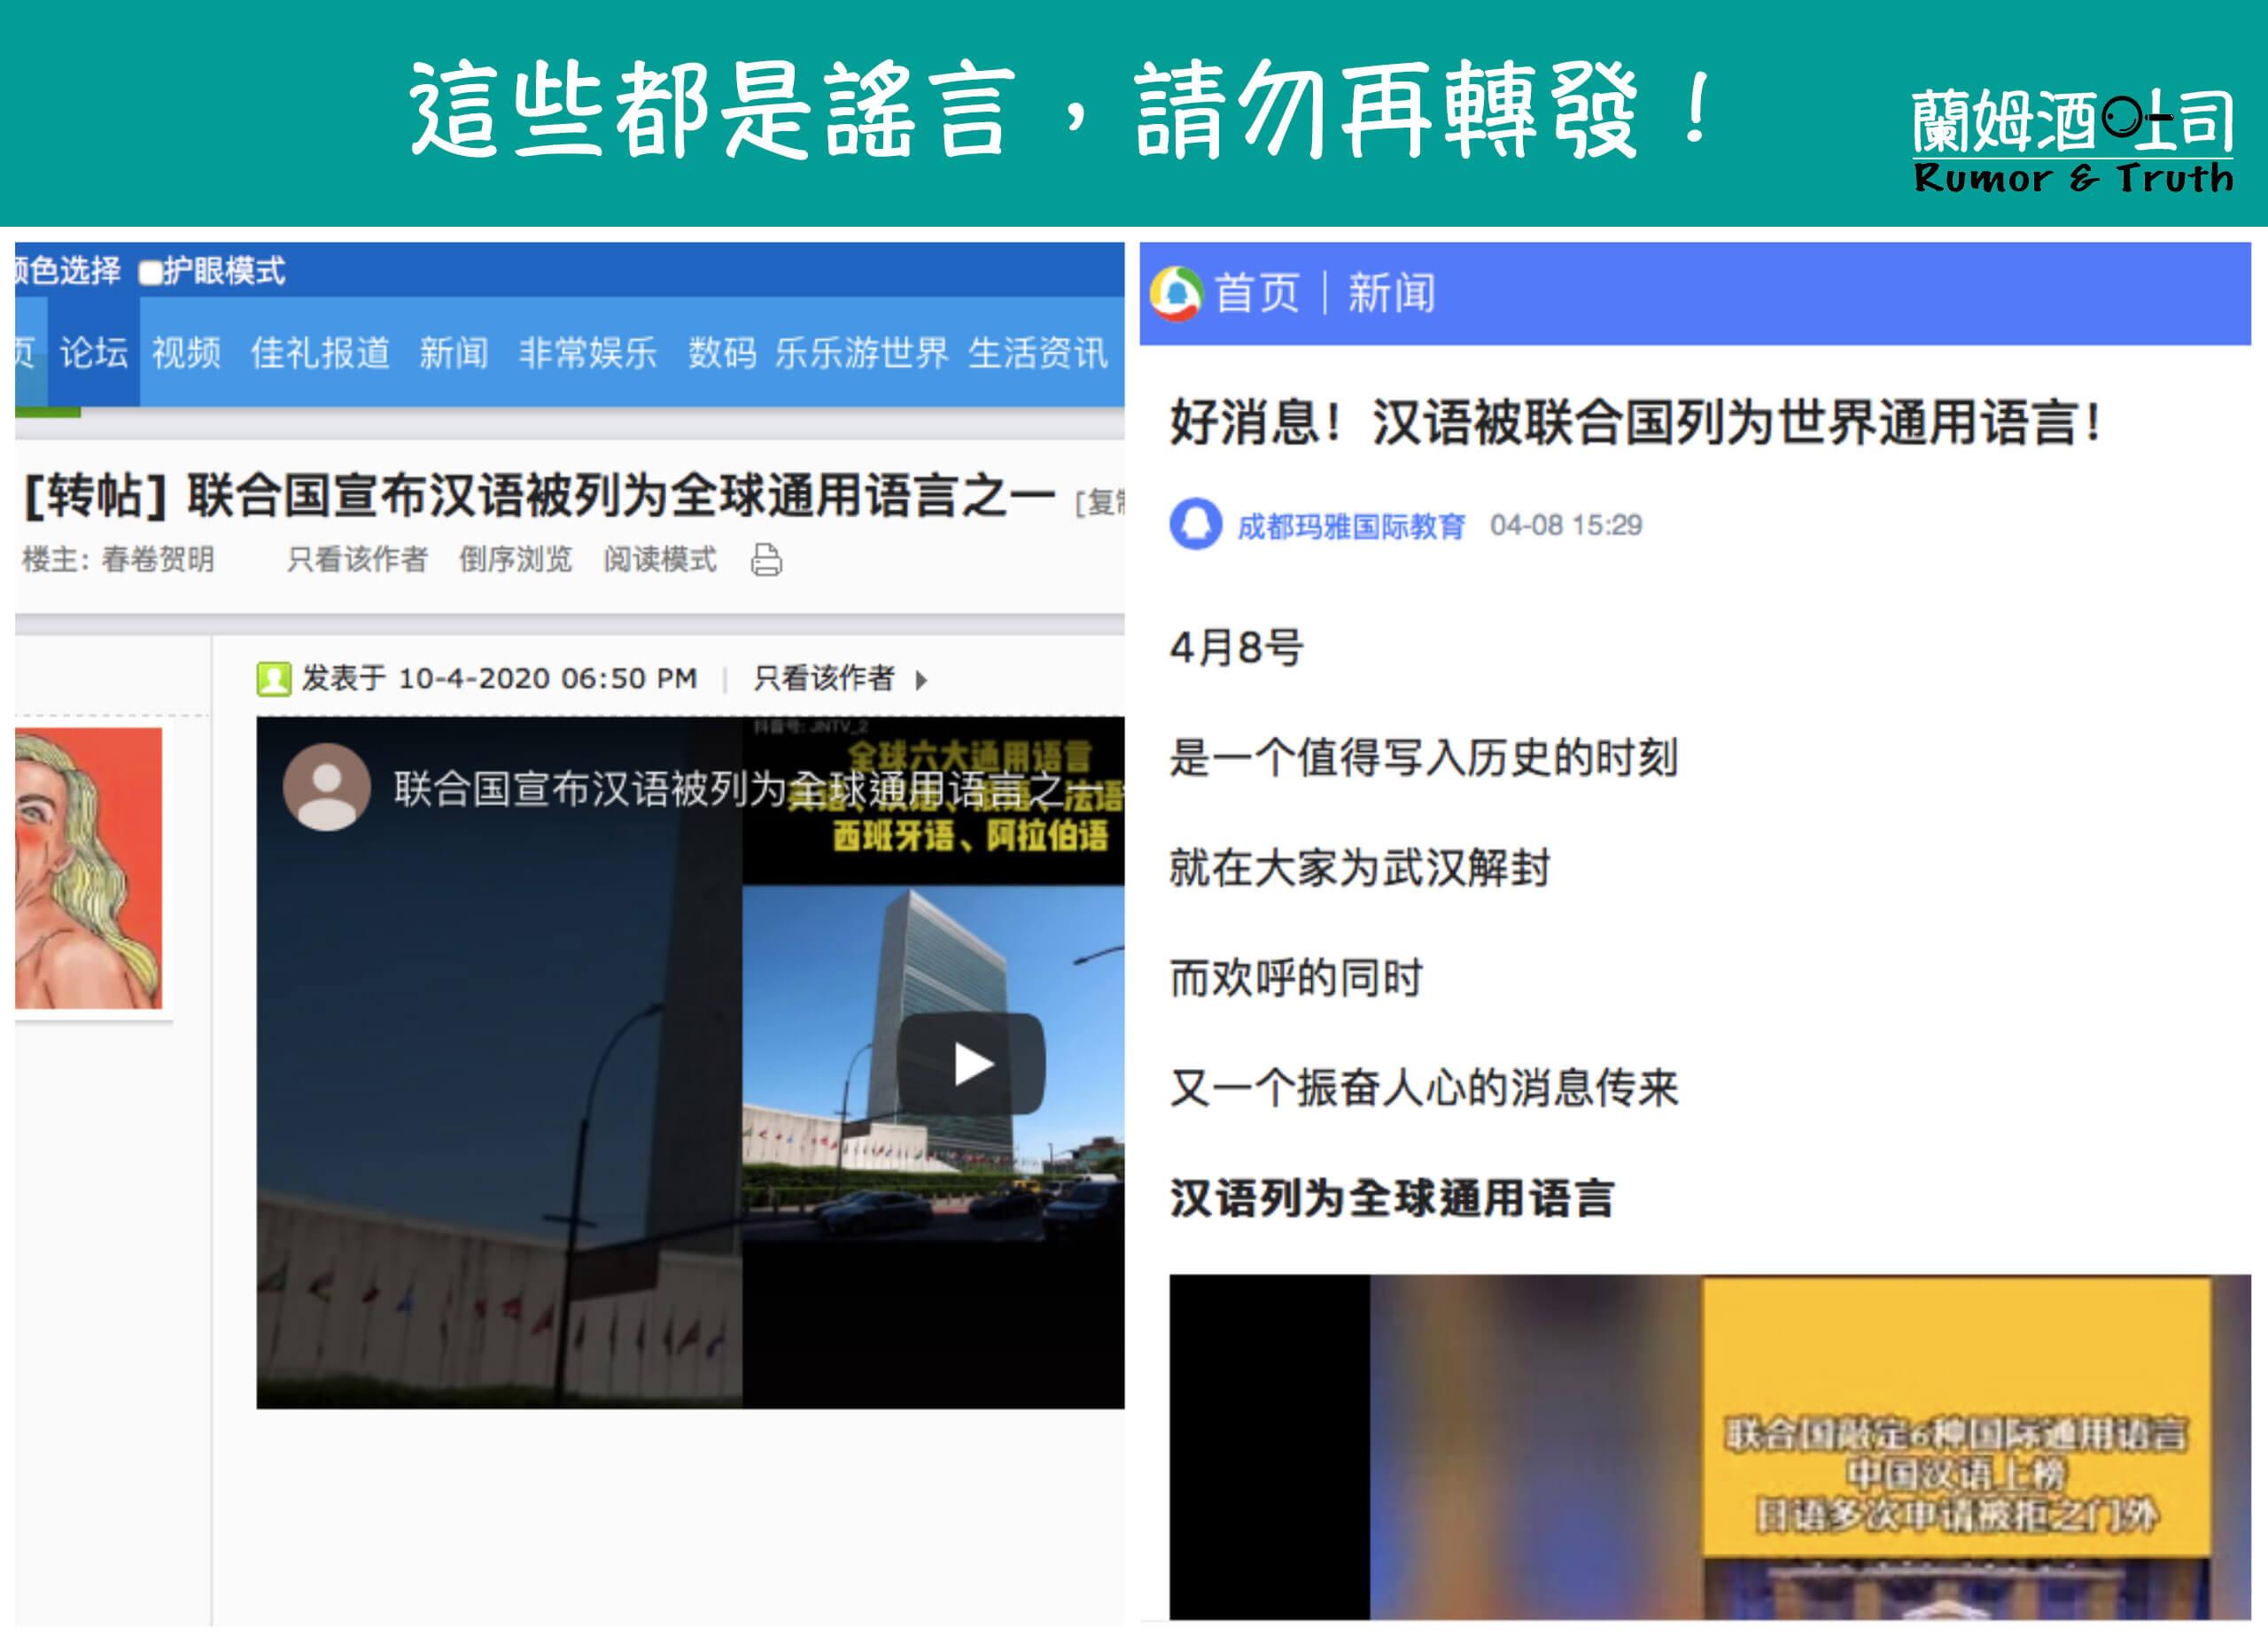 中國網站開始出現的謠言,請勿轉發。(圖/蘭姆酒吐司製作)